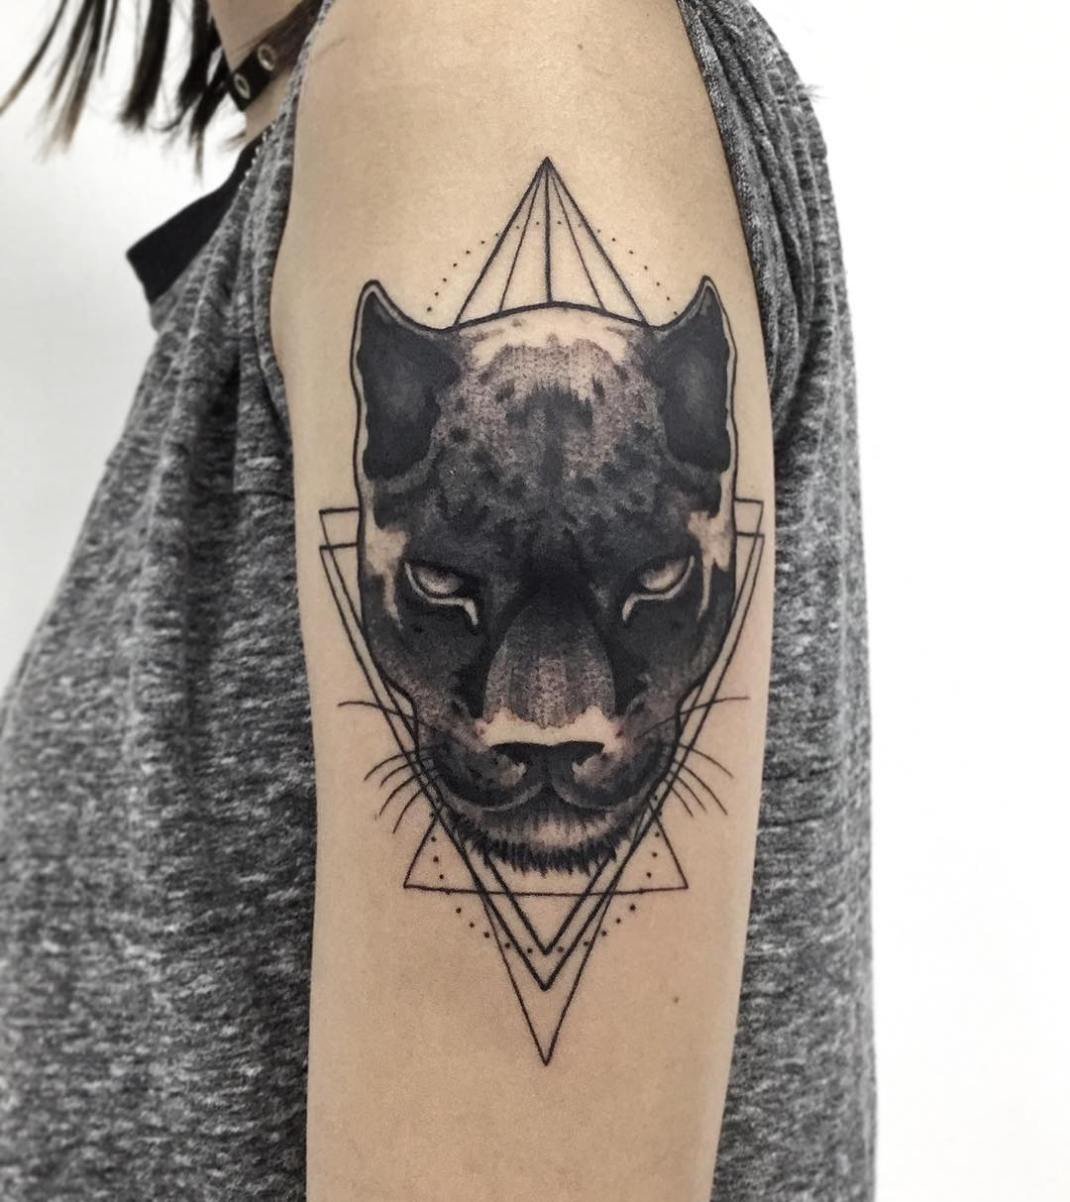 Татуировка пантера - Фотоальбомы